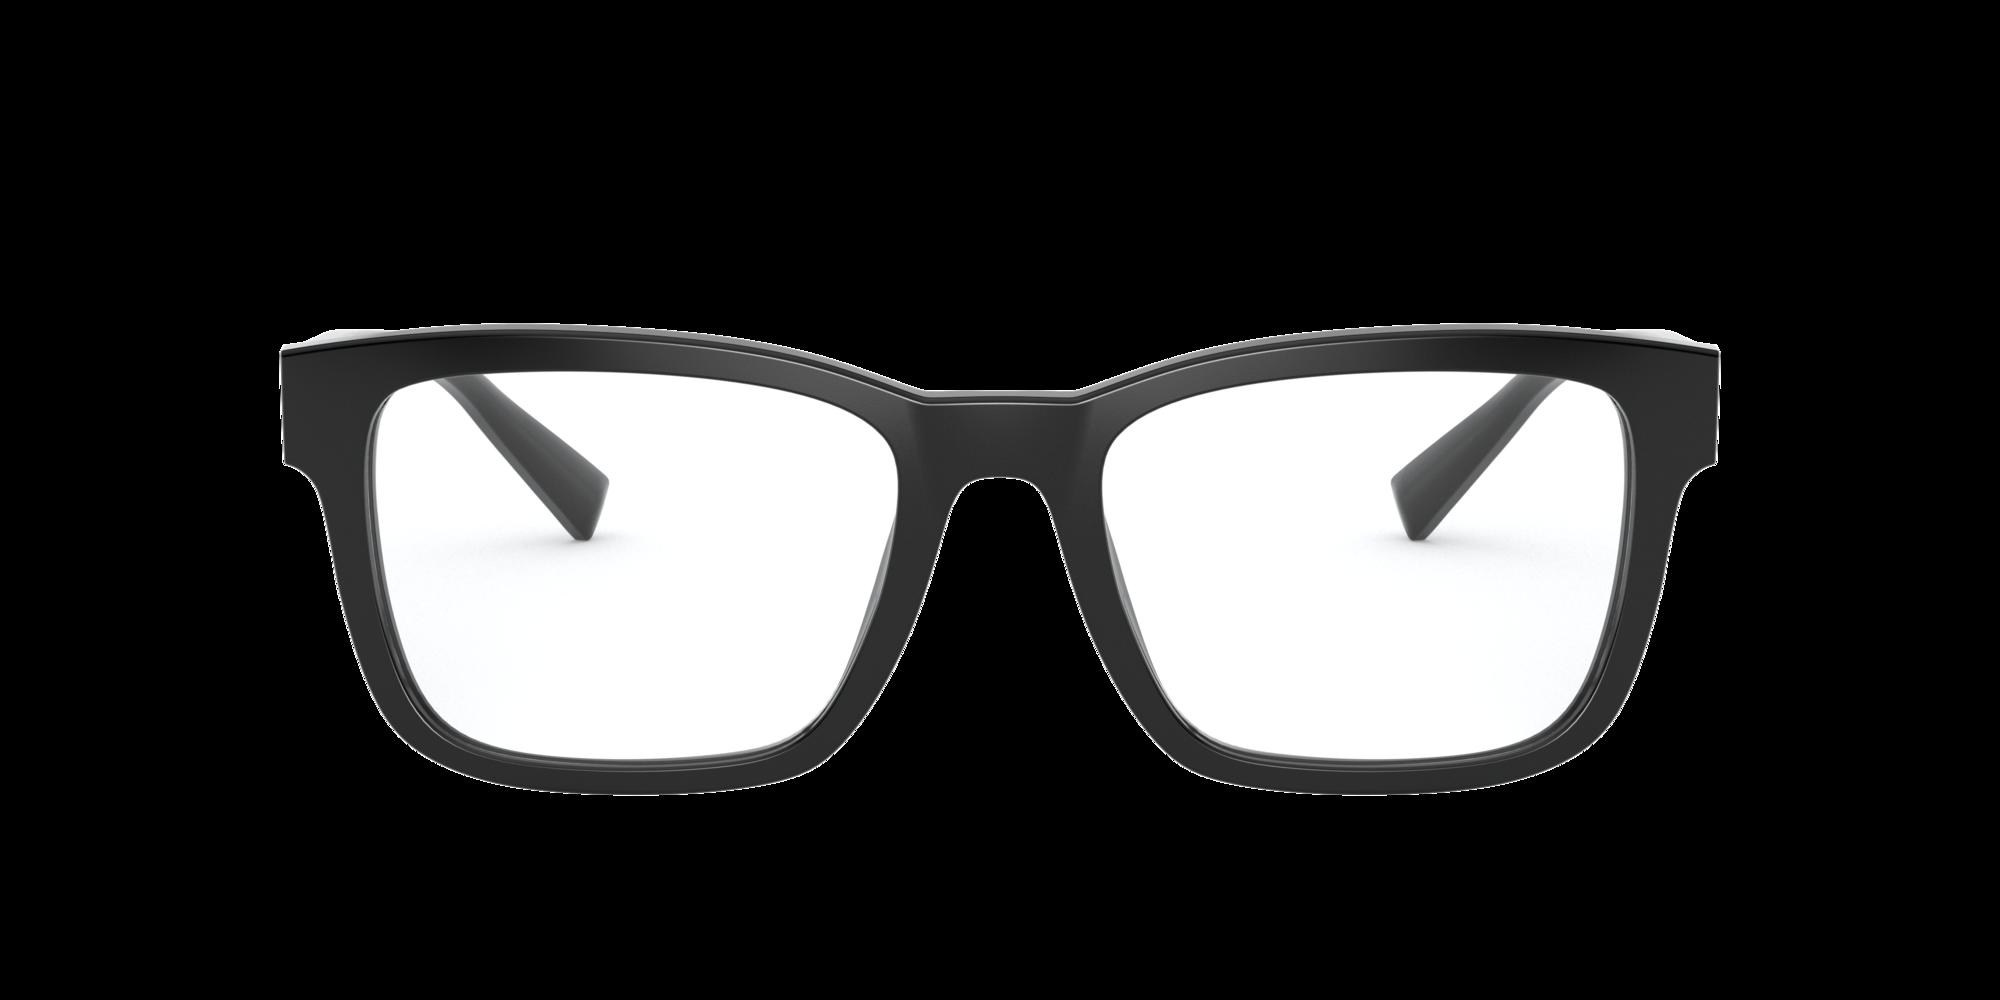 Imagen para VE3285 de LensCrafters |  Espejuelos, espejuelos graduados en línea, gafas